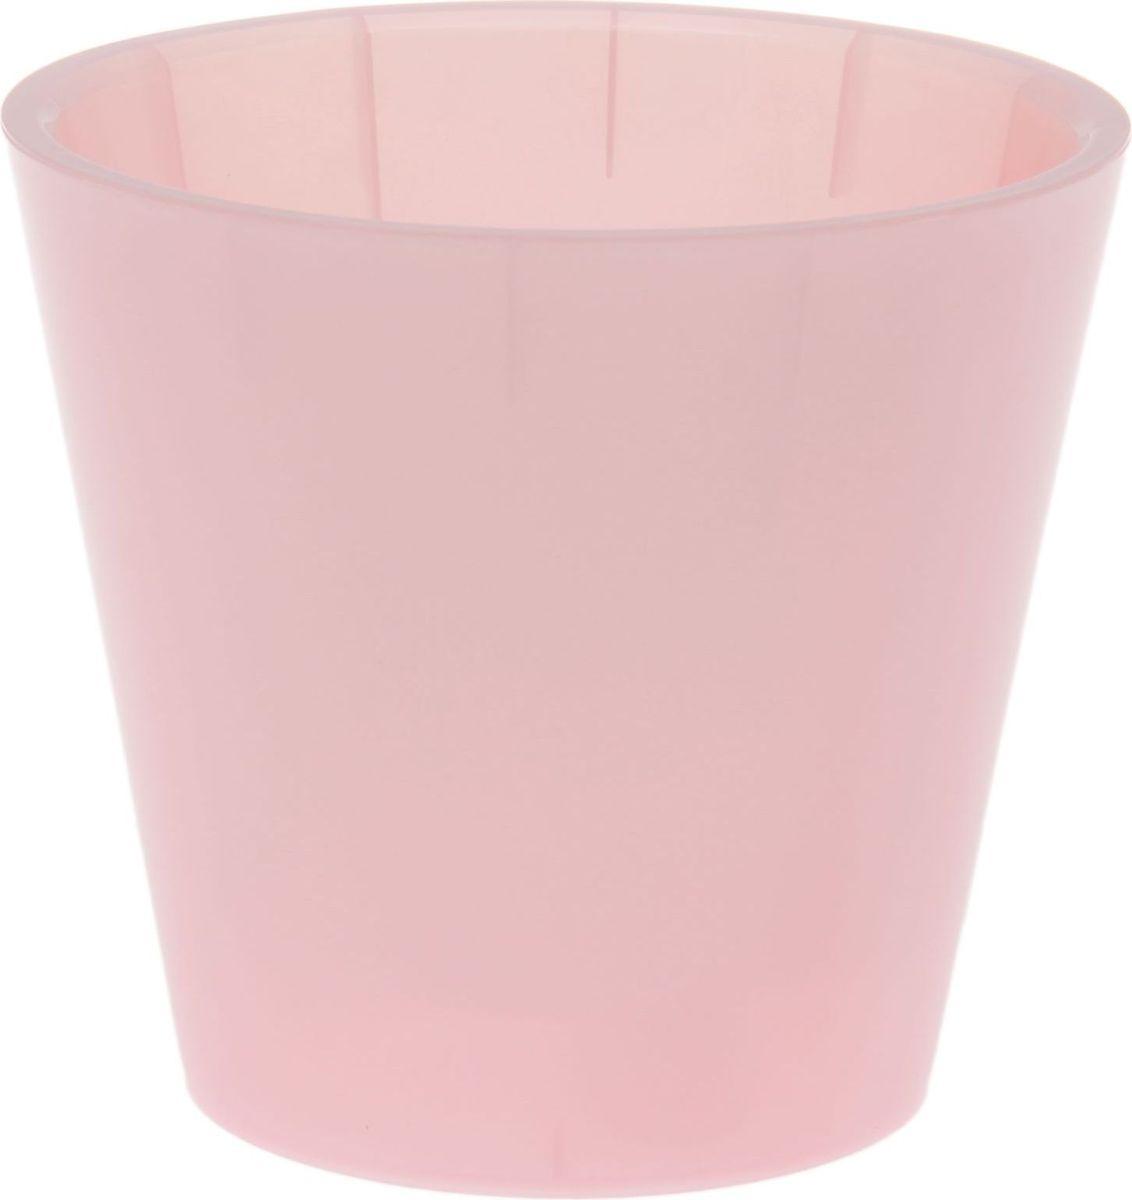 Горшок для цветов InGreen Фиджи. Орхид, цвет: розовый перламутр, 1,6 л1637050